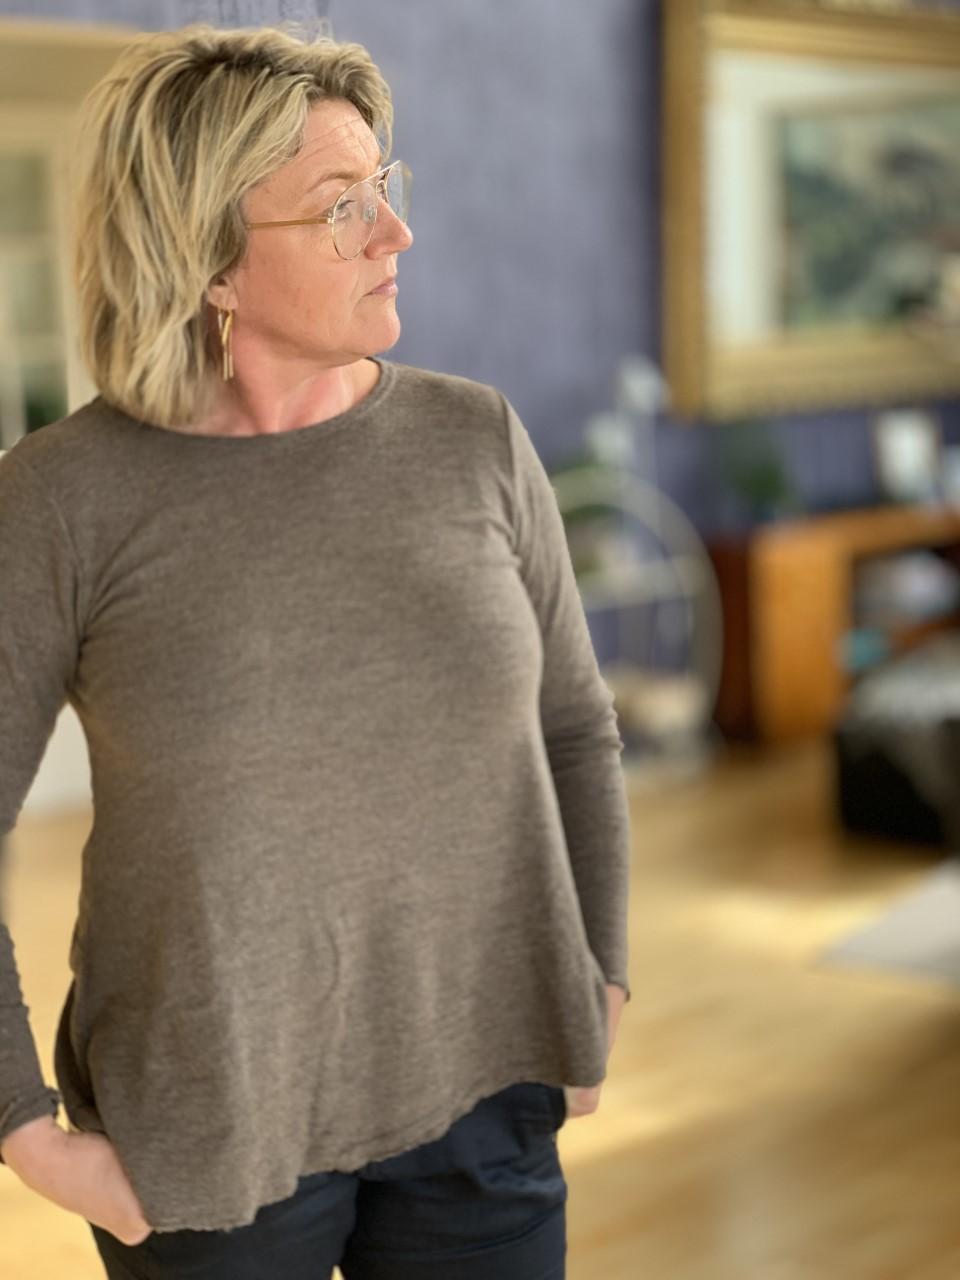 ByBasic A line sweater, genser